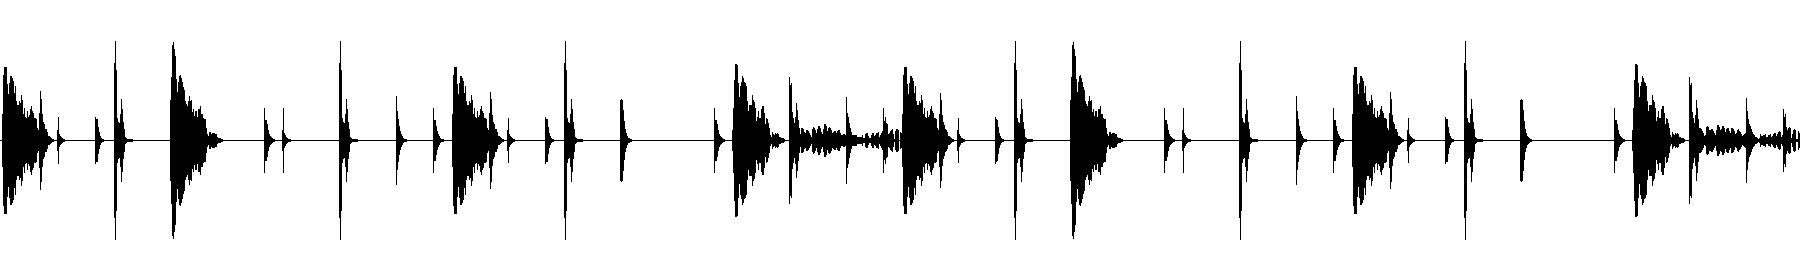 80 drumloop sp 09